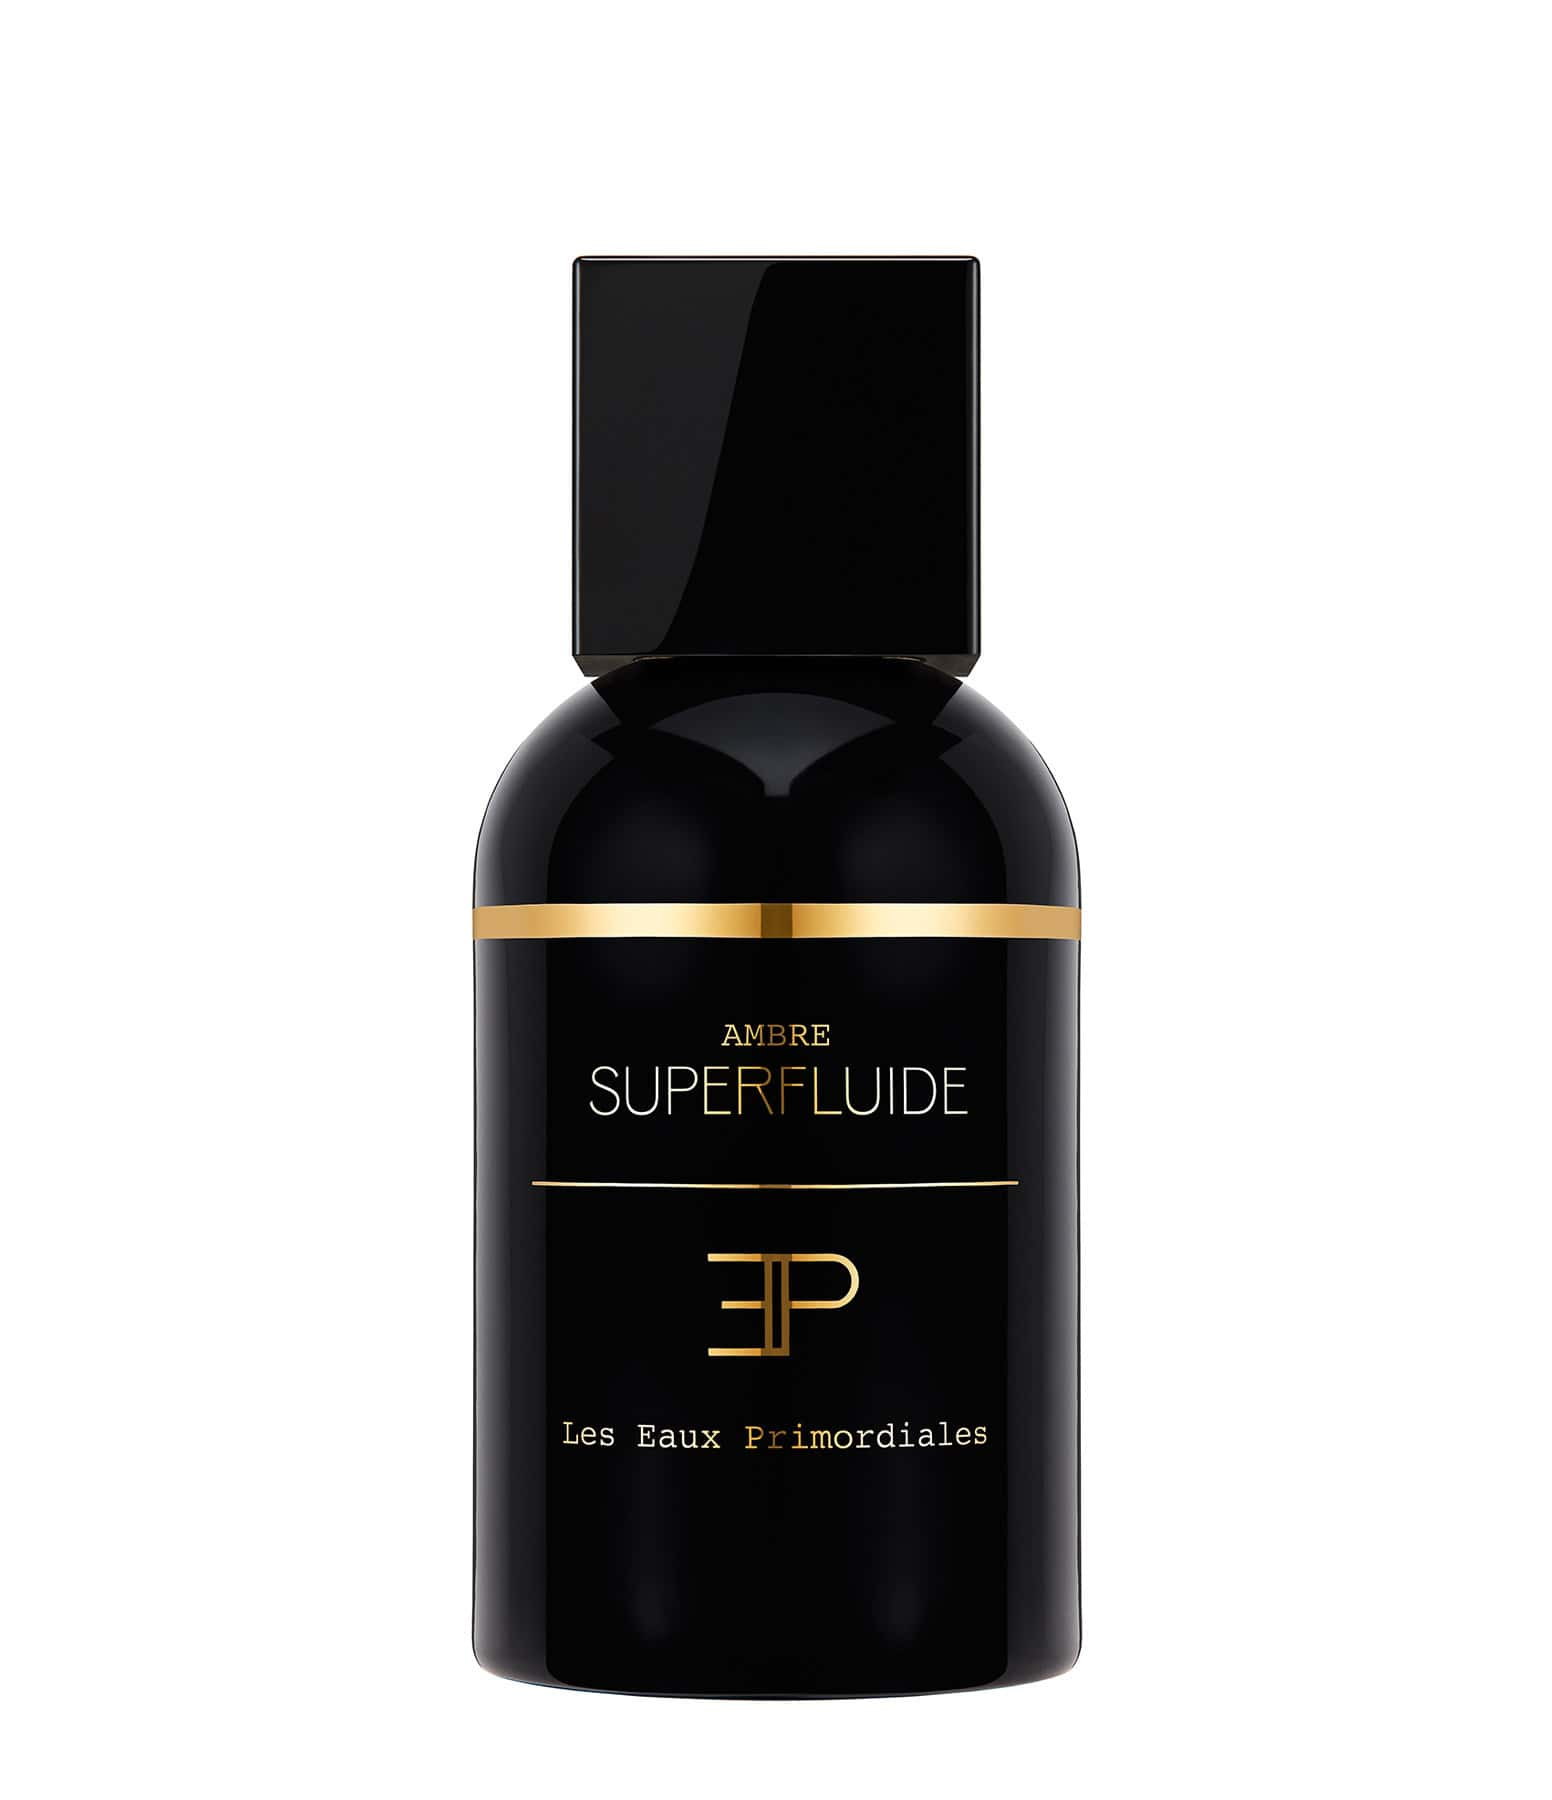 LES EAUX PRIMORDIALES - Eau de Parfum Superfluide Ambre 100 ml